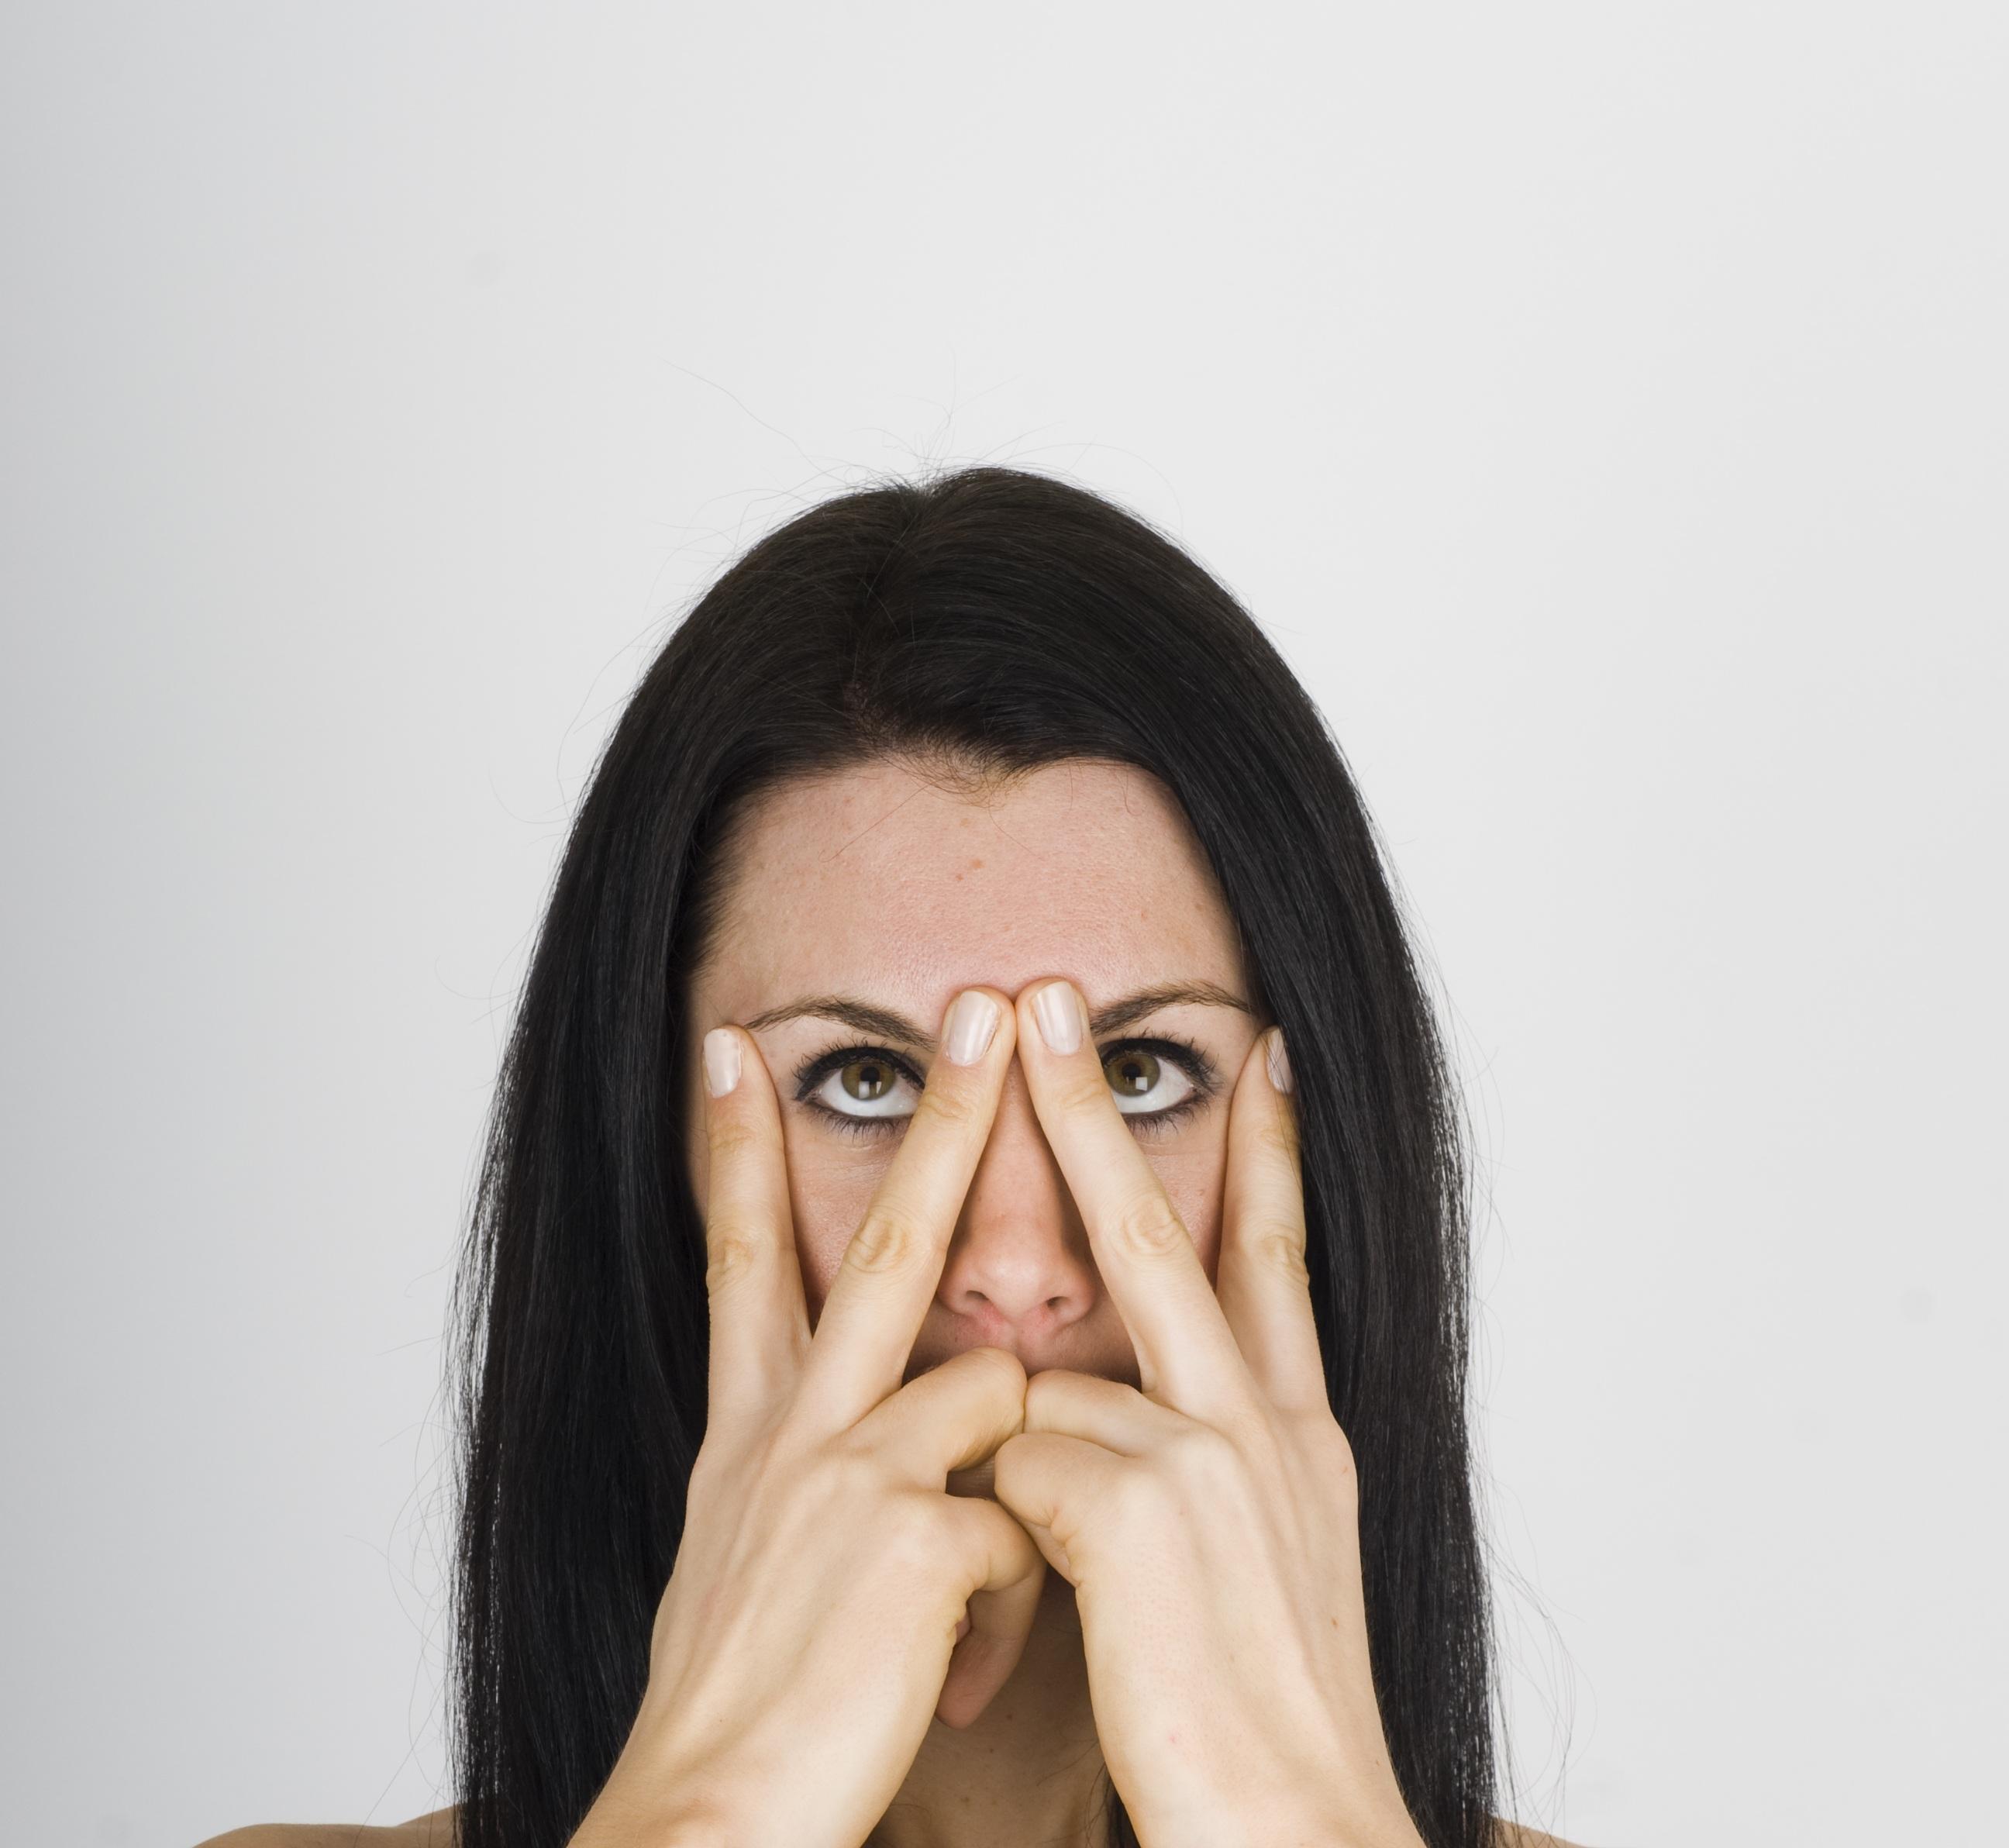 یوگای صورت برای کاهش پیری پوست همراه با تصاویر آموزشی